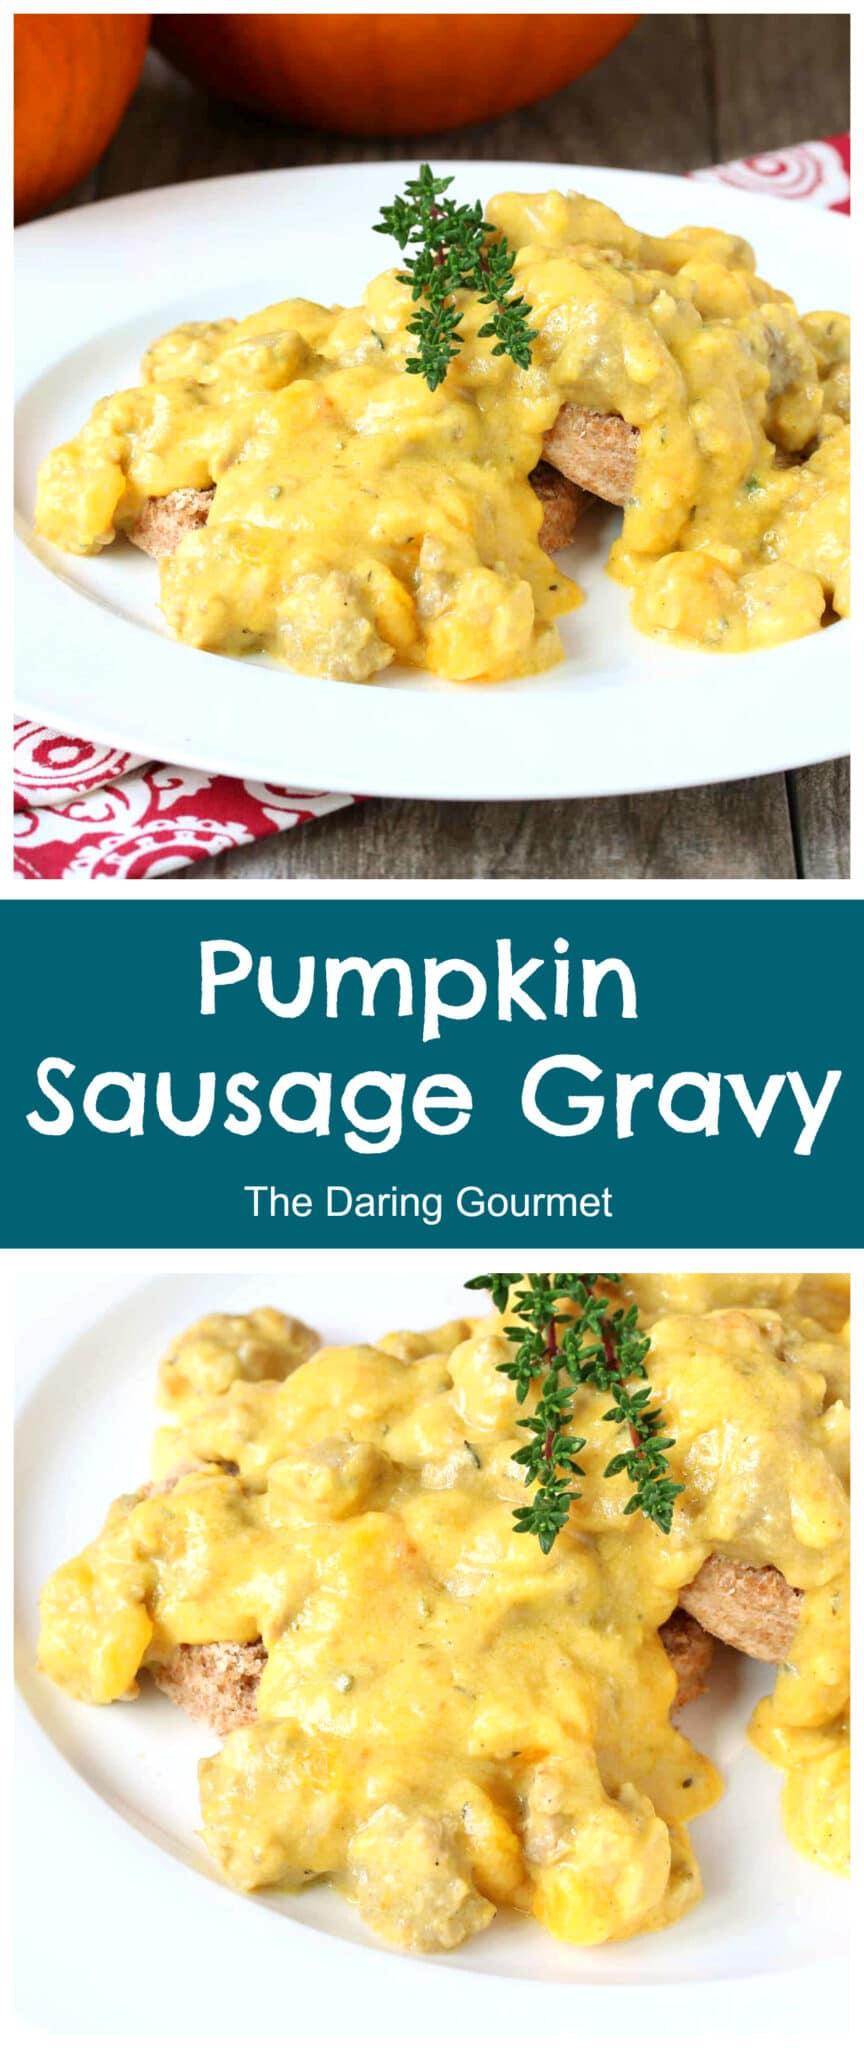 pumpkin sausage gravy recipe biscuits